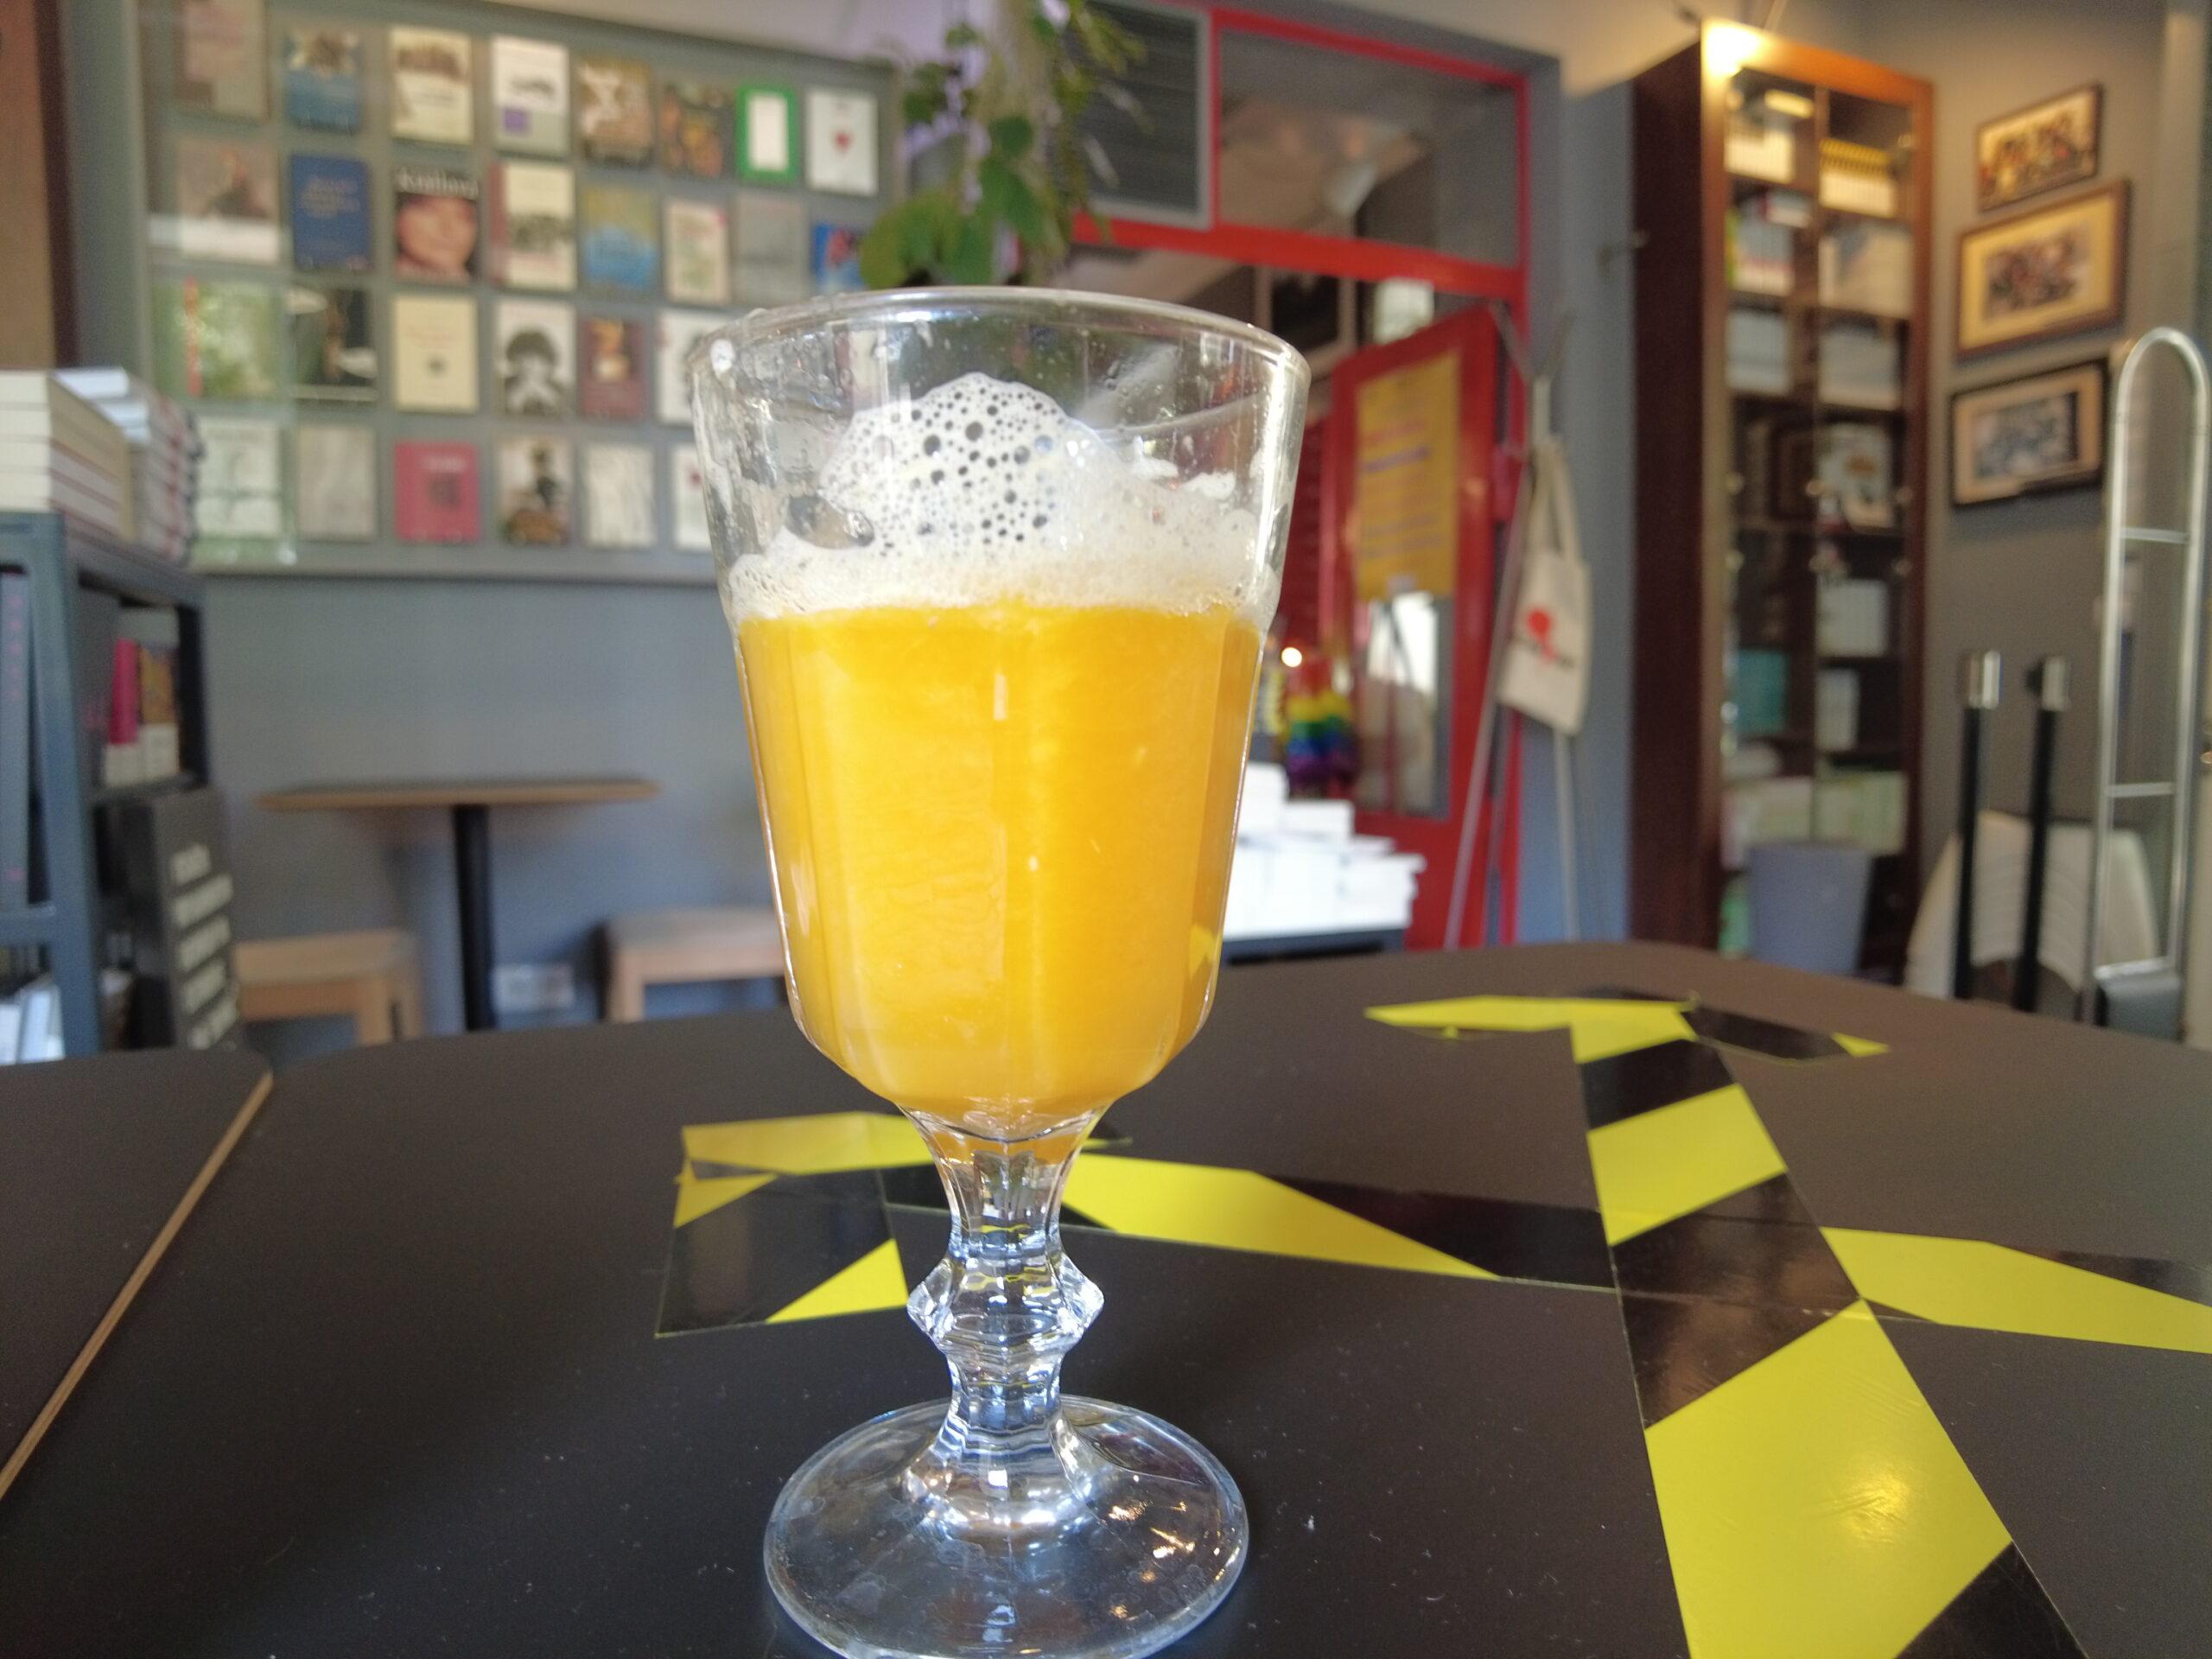 Wrzenie Świataオレンジジュース